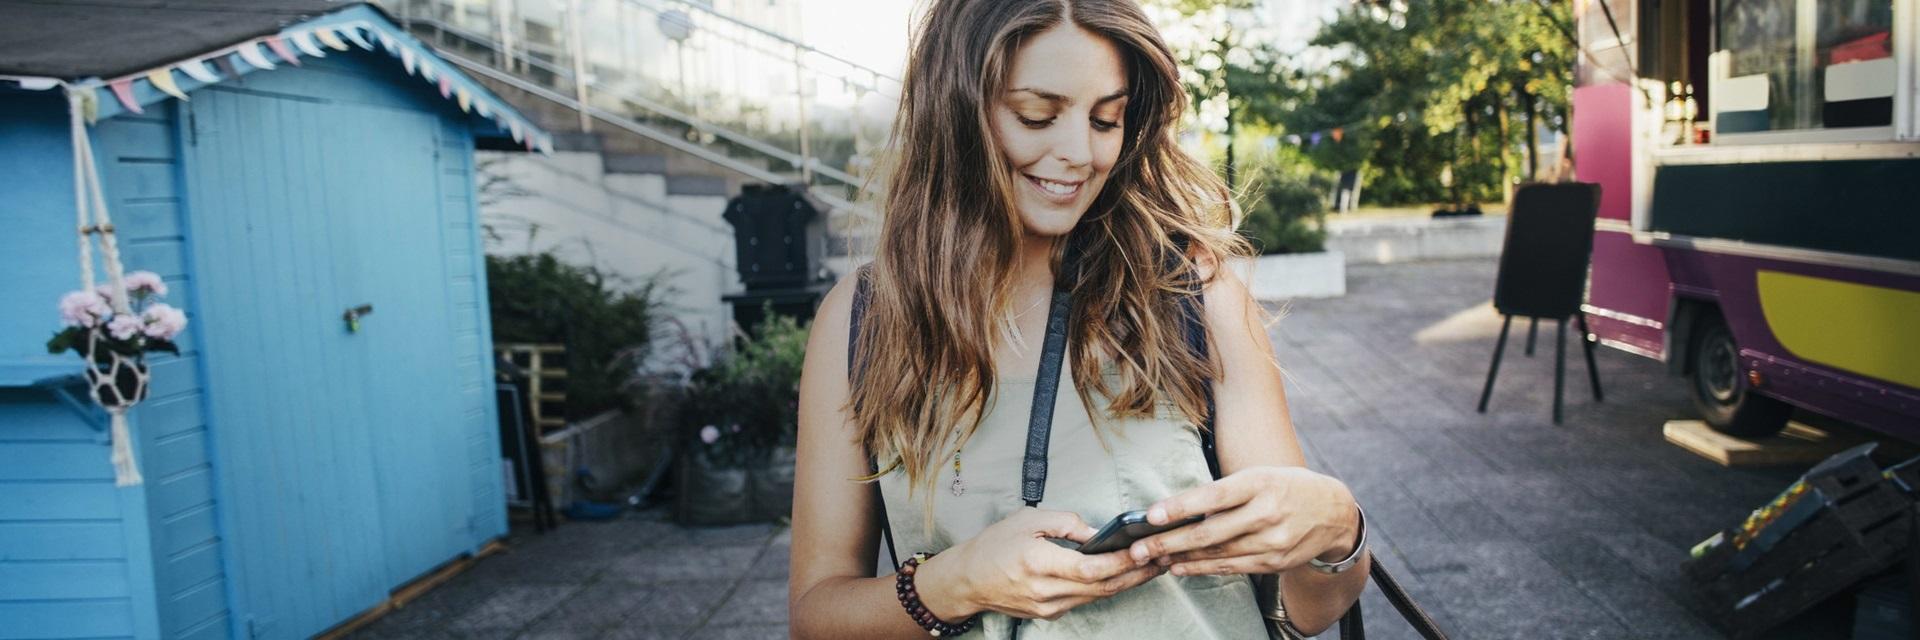 La  kunden selv velge fysisk eller digital kommunikasjonskanal